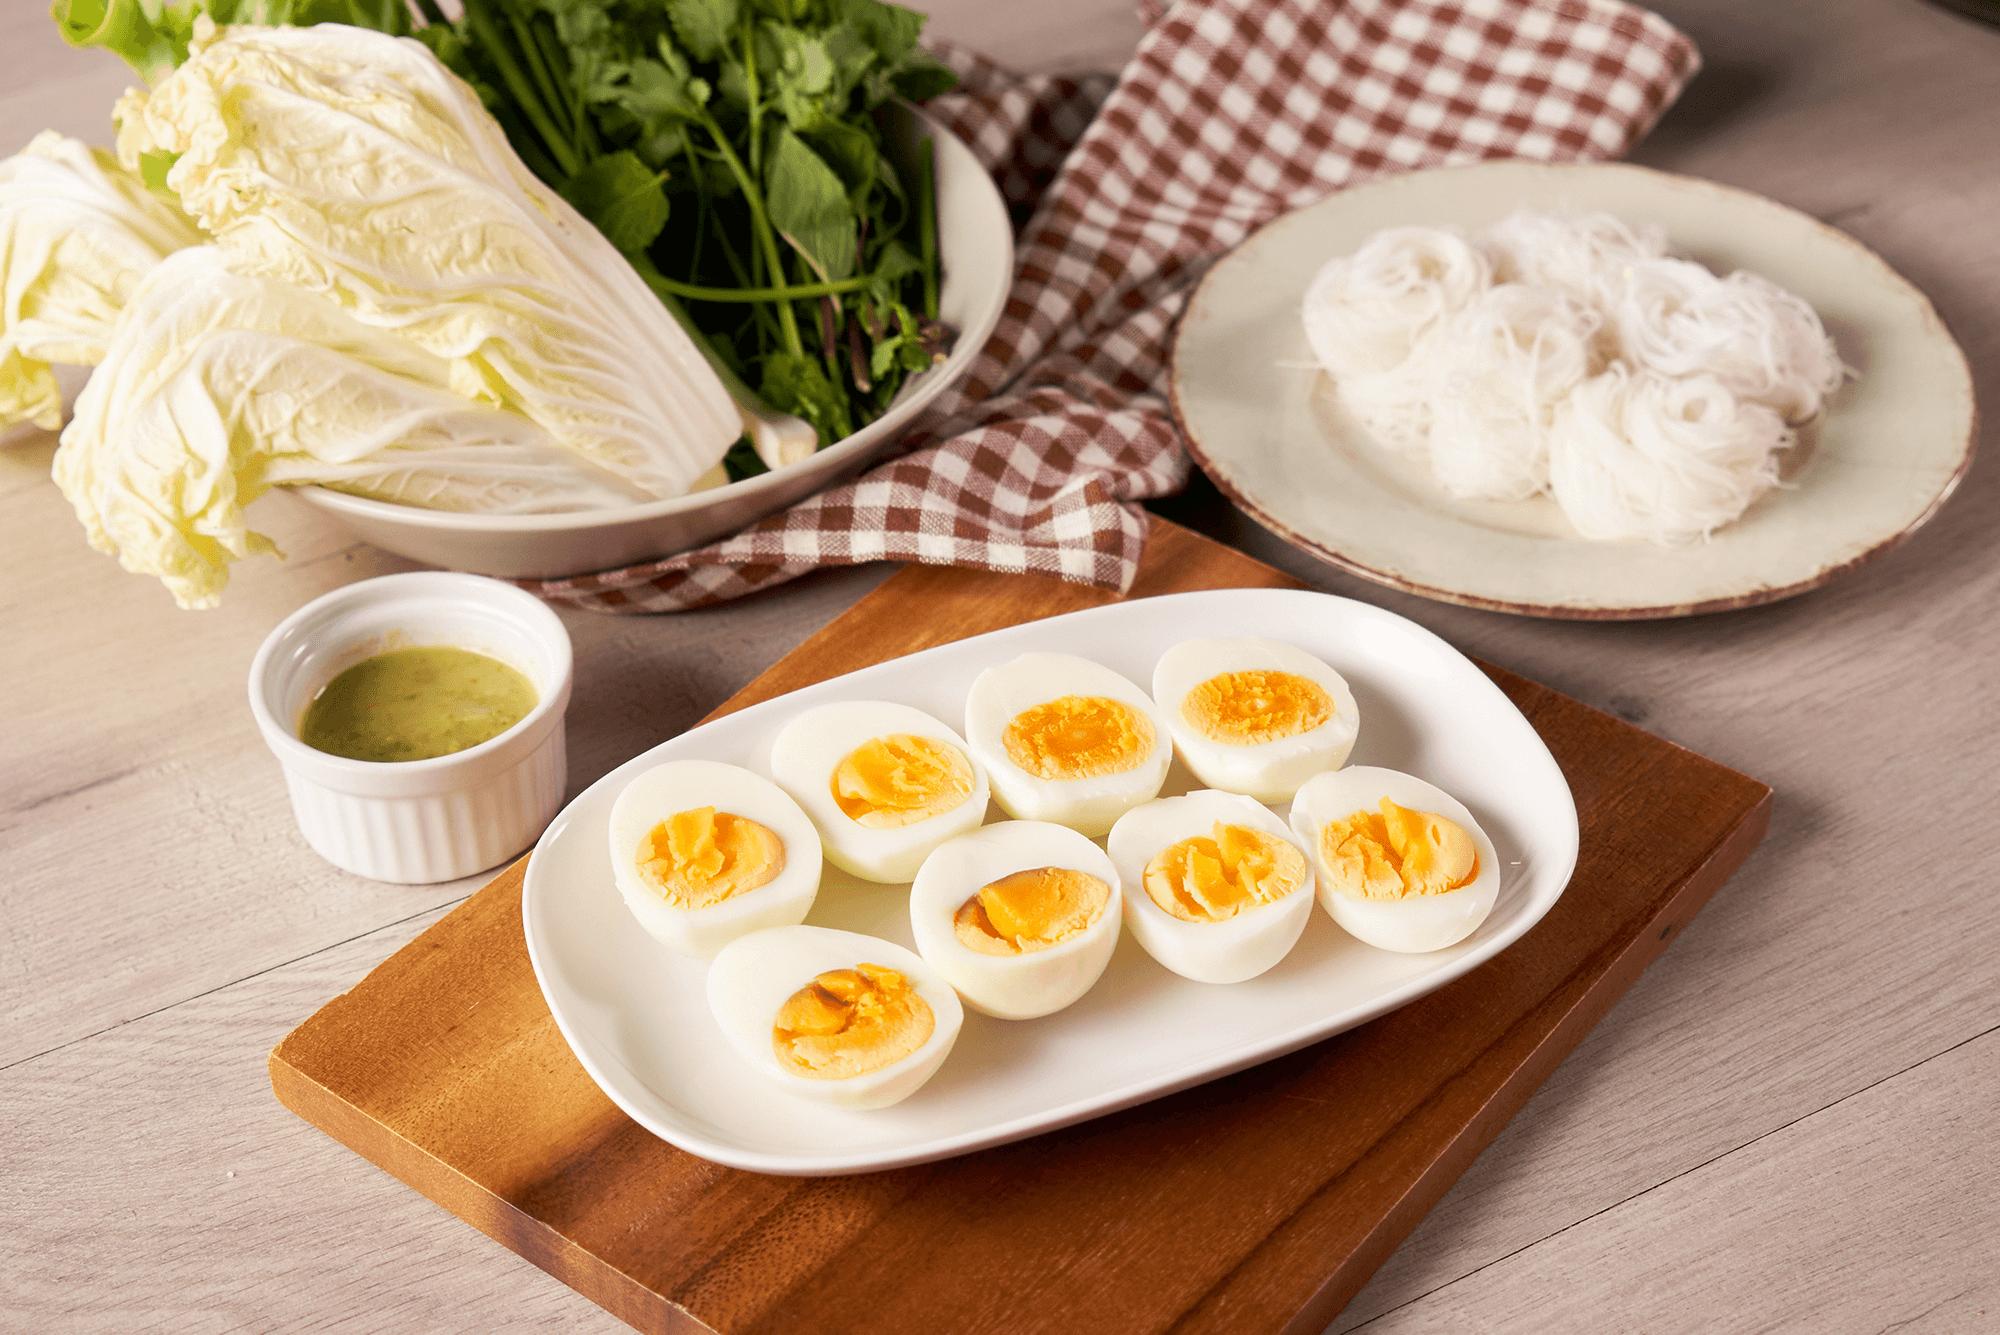 เมี่ยงไข่ต้ม